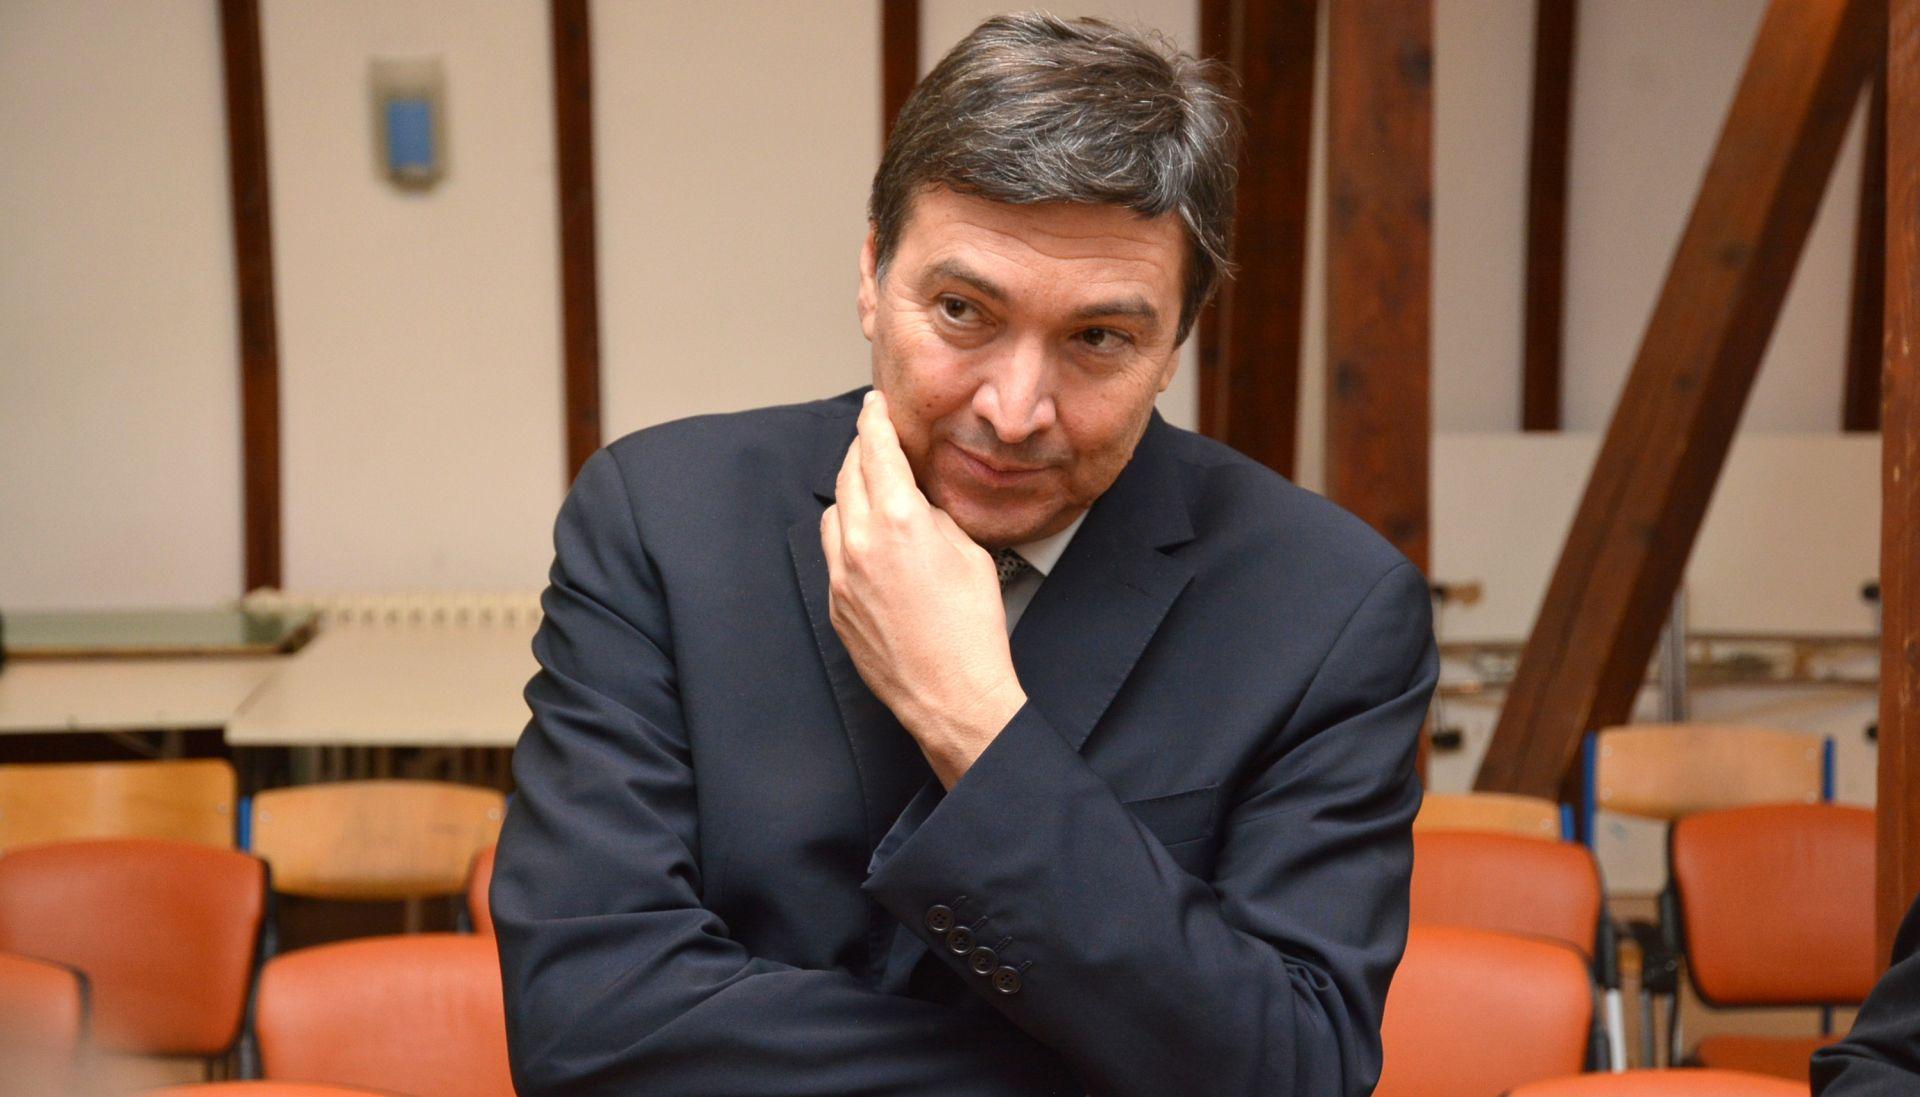 BANDIĆ TRAŽI OCJENU USTAVNOSTI I ZAKONITOSTI Mornar: U Hrvatskoj se još primjenjuje austrougarski model obrazovanja